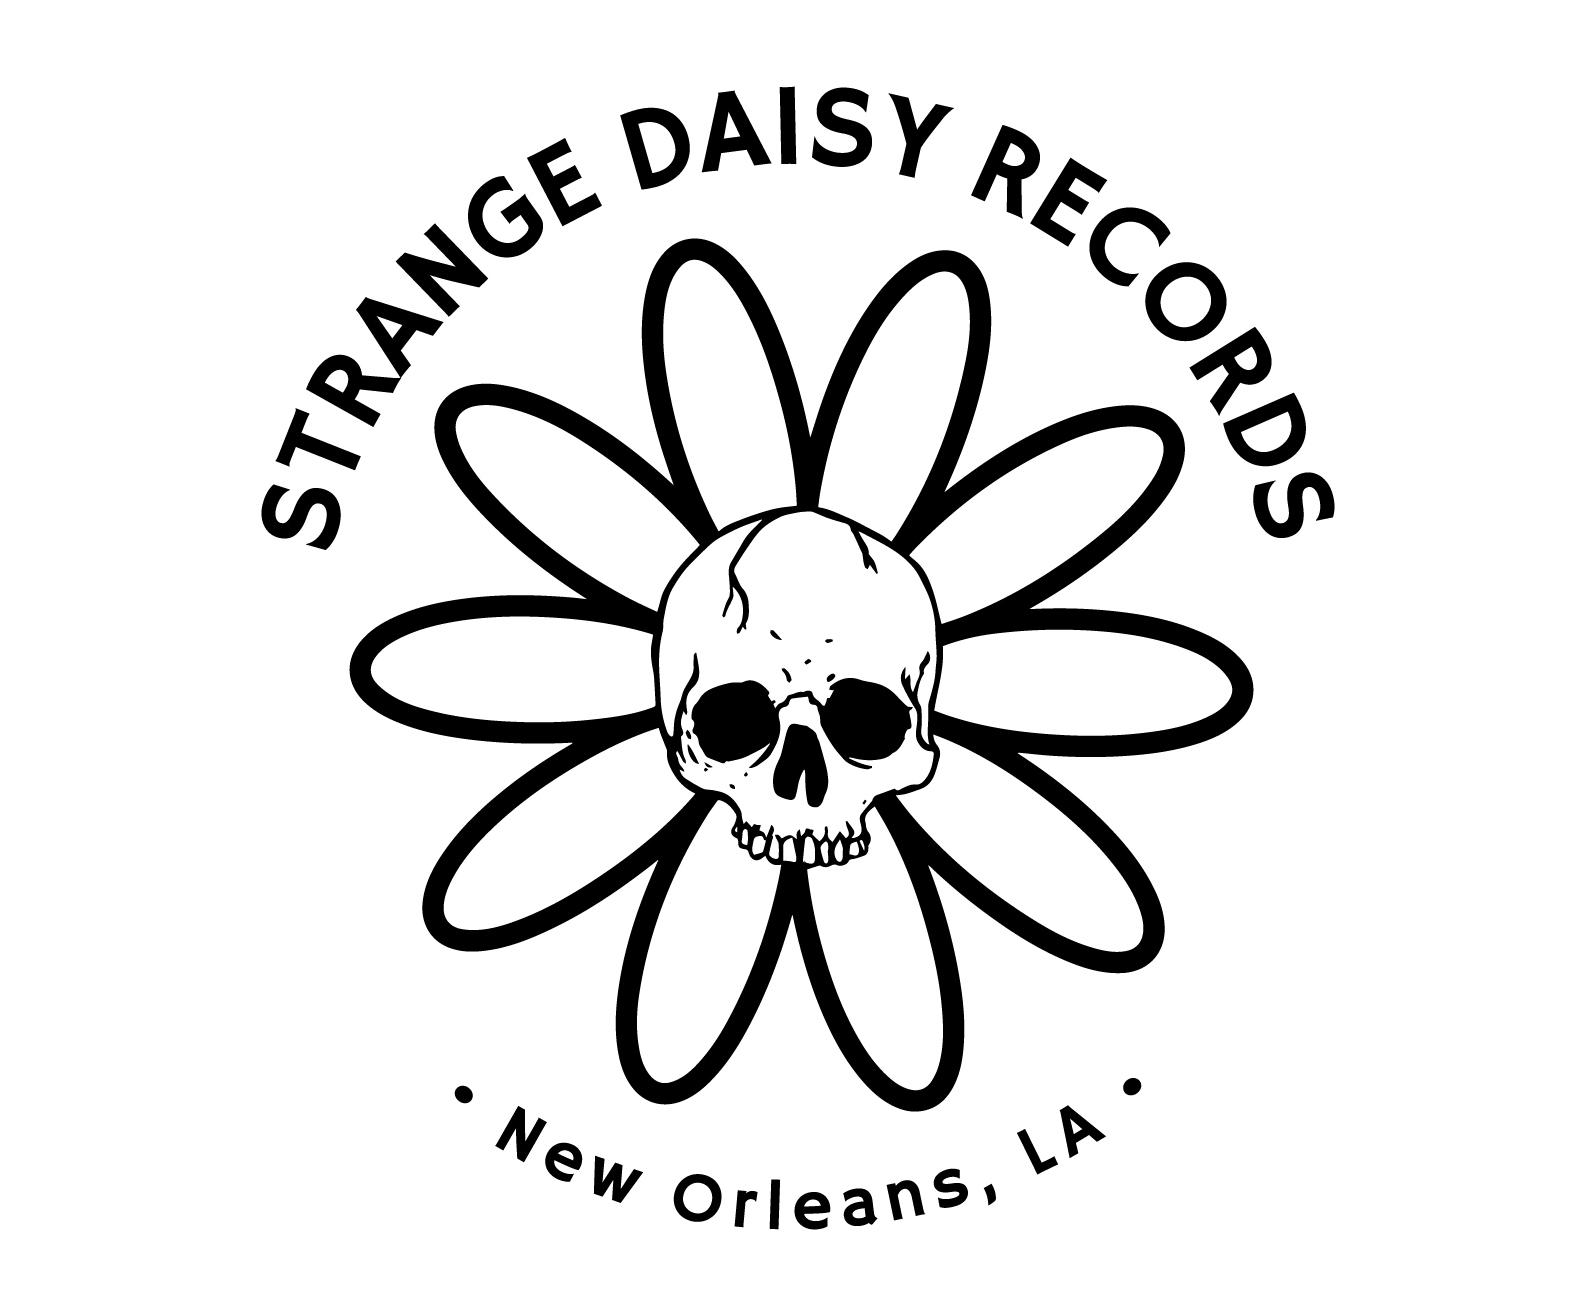 STRANGE DAISY RECORDS